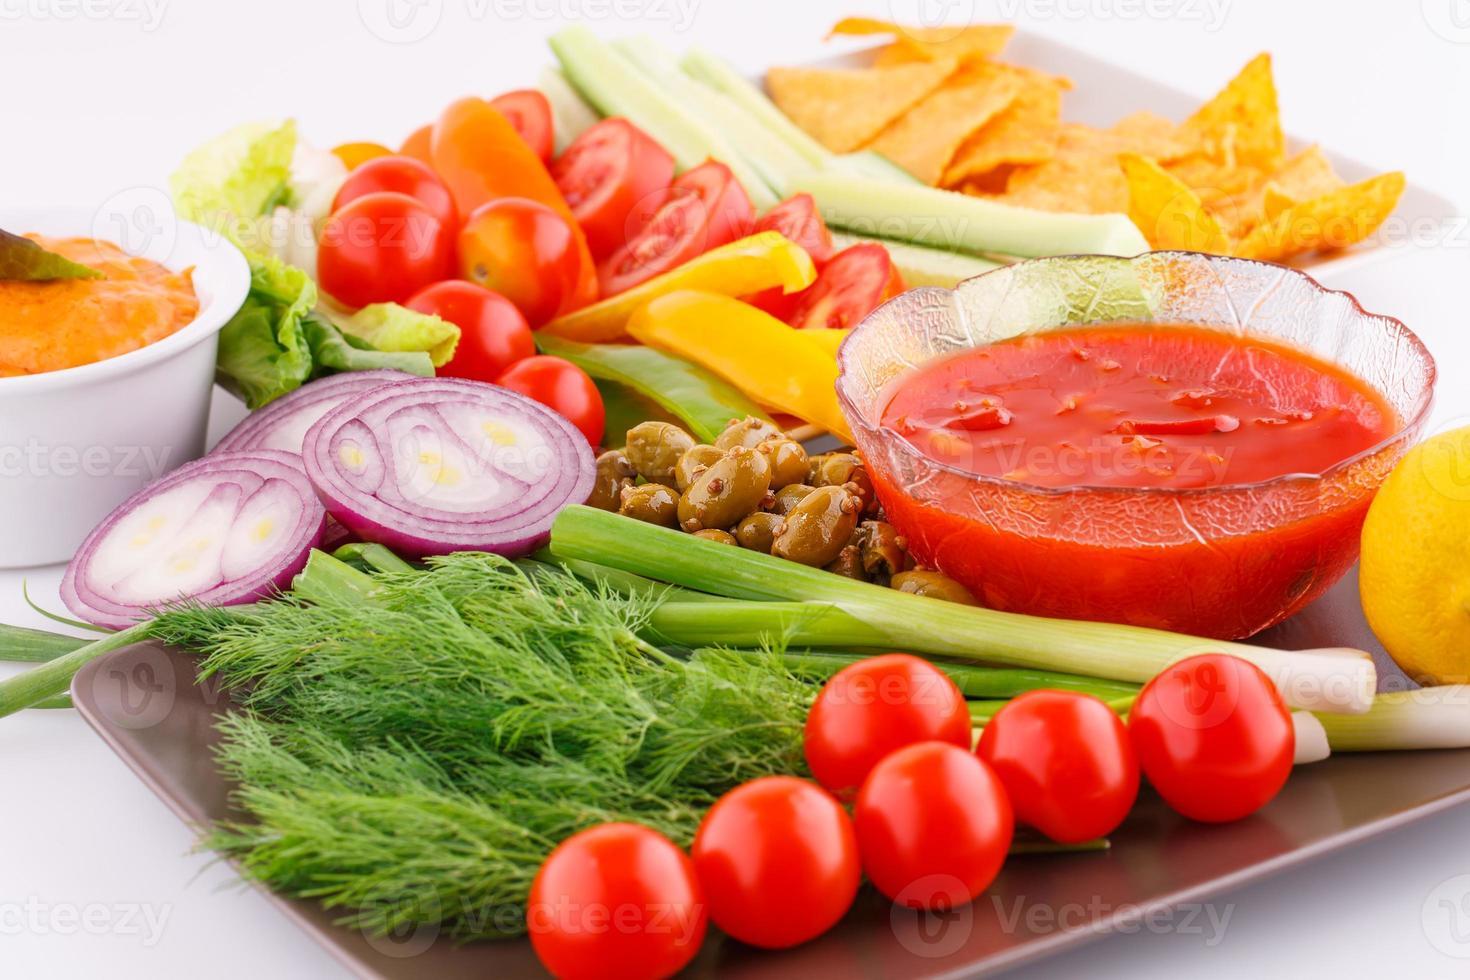 groenten, olijven, nacho's, rode kaas en saus foto